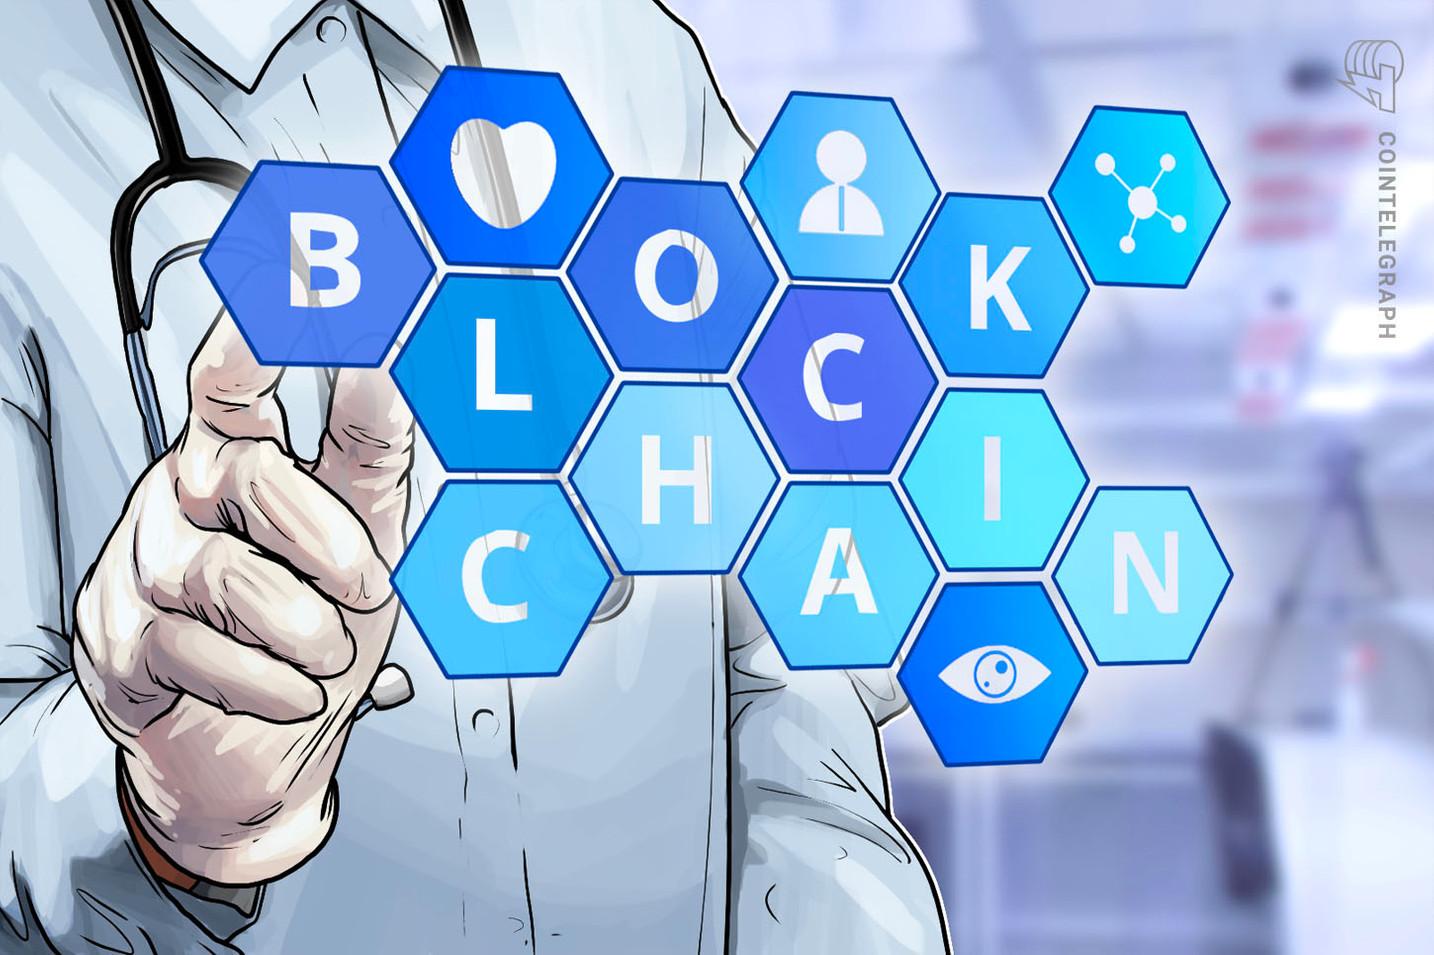 Hospital sul-coreano vai criar plataforma blockchain de gerenciamento de dados médicos